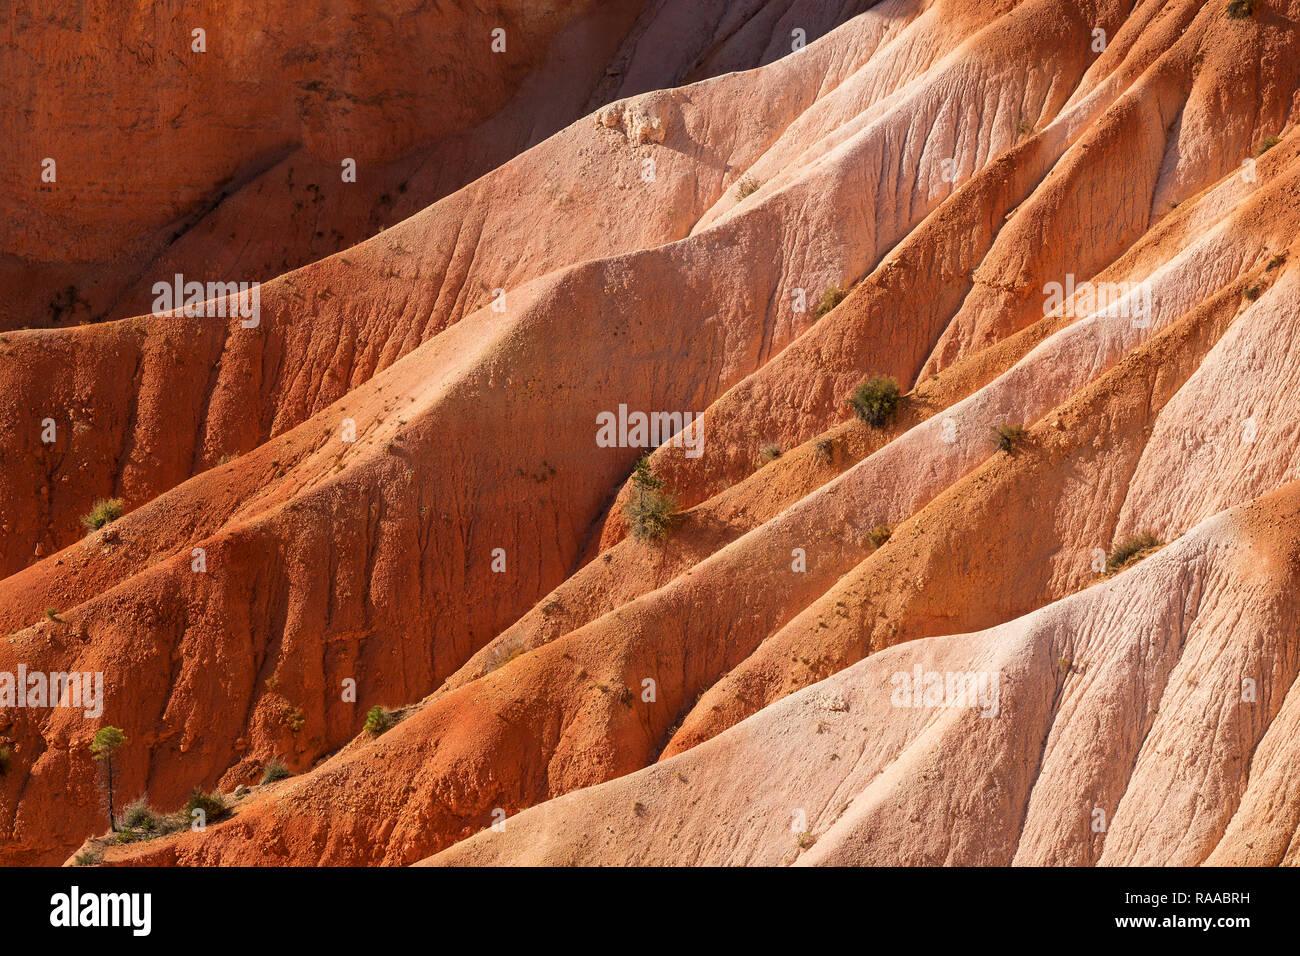 Bryce Canyon National Park, Utah, EE.UU.. Las paredes del cañón de erosión de rocas sedimentarias de piedra caliza. Foto de stock